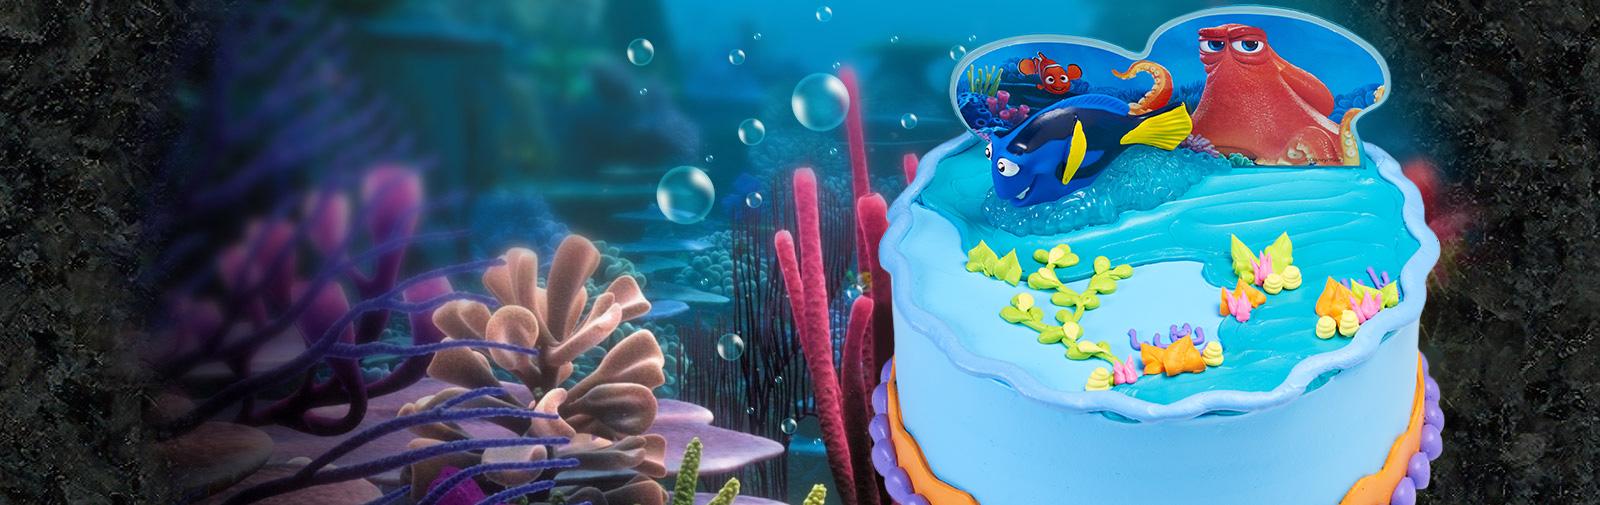 Cake Image Printing Kroger